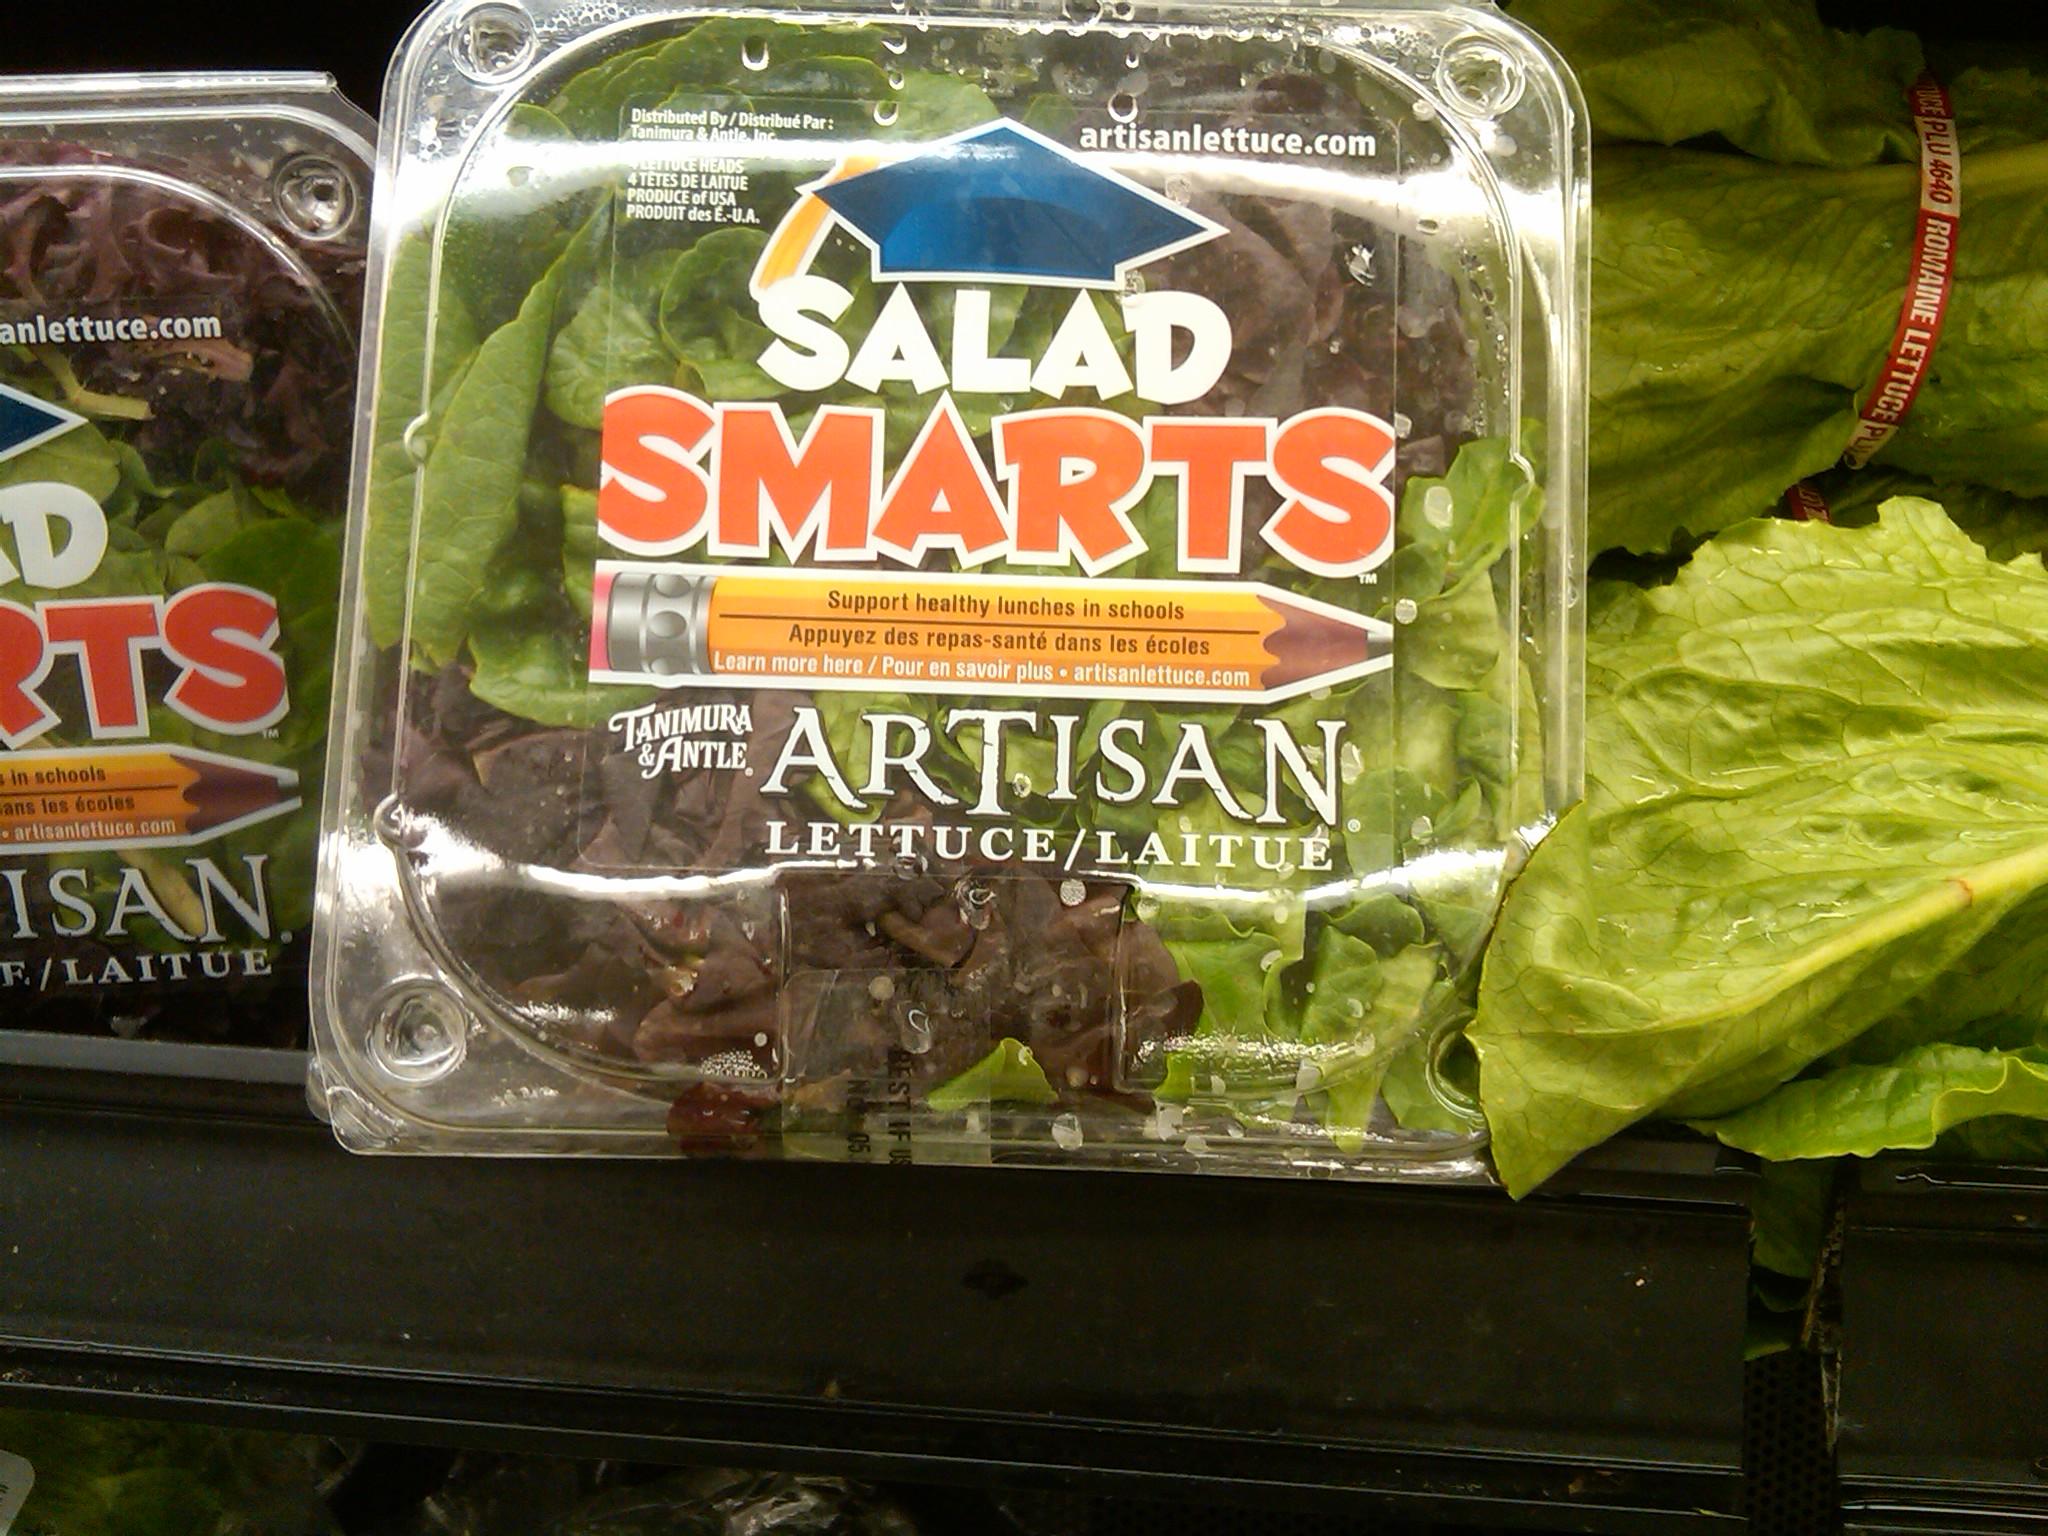 Smart Salads